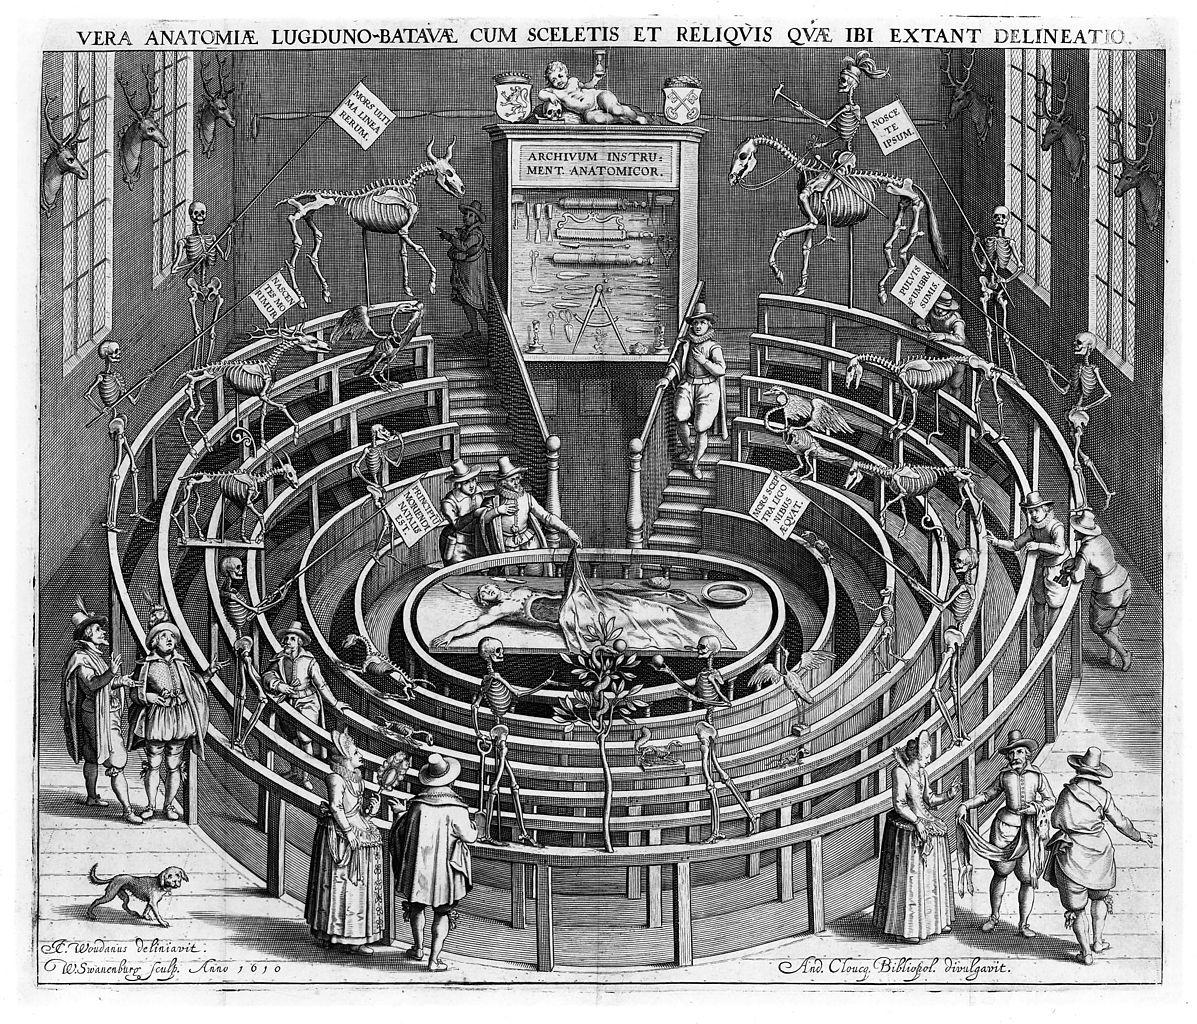 Gravure de 1612 représentant le théâtre anatomique de Leyde avec des squelettes humains et animaux dans les gradins prévus pour le public. Gravure de Willem Swanenburgh